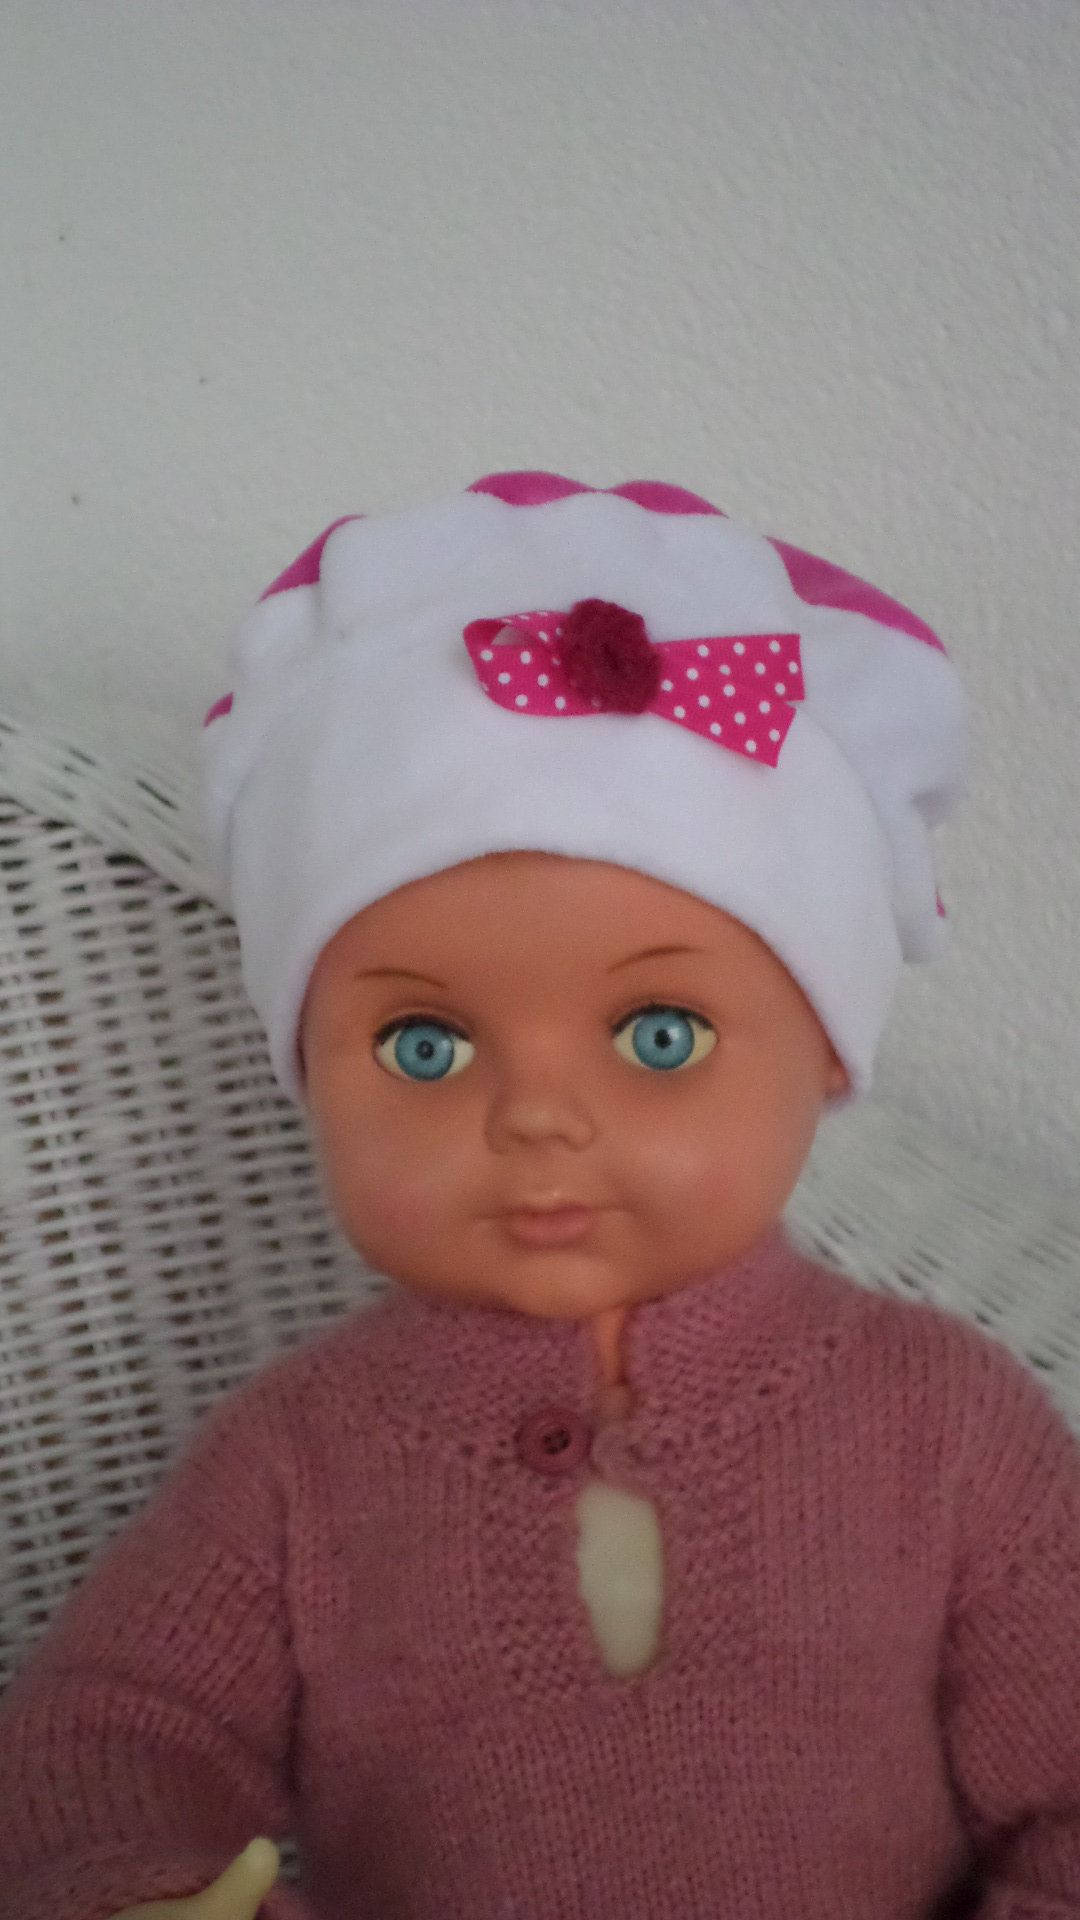 Épinglé par les idées de lin eva sur BONNETS BÉBÉ   Pinterest   Baby ... b02f397c82d